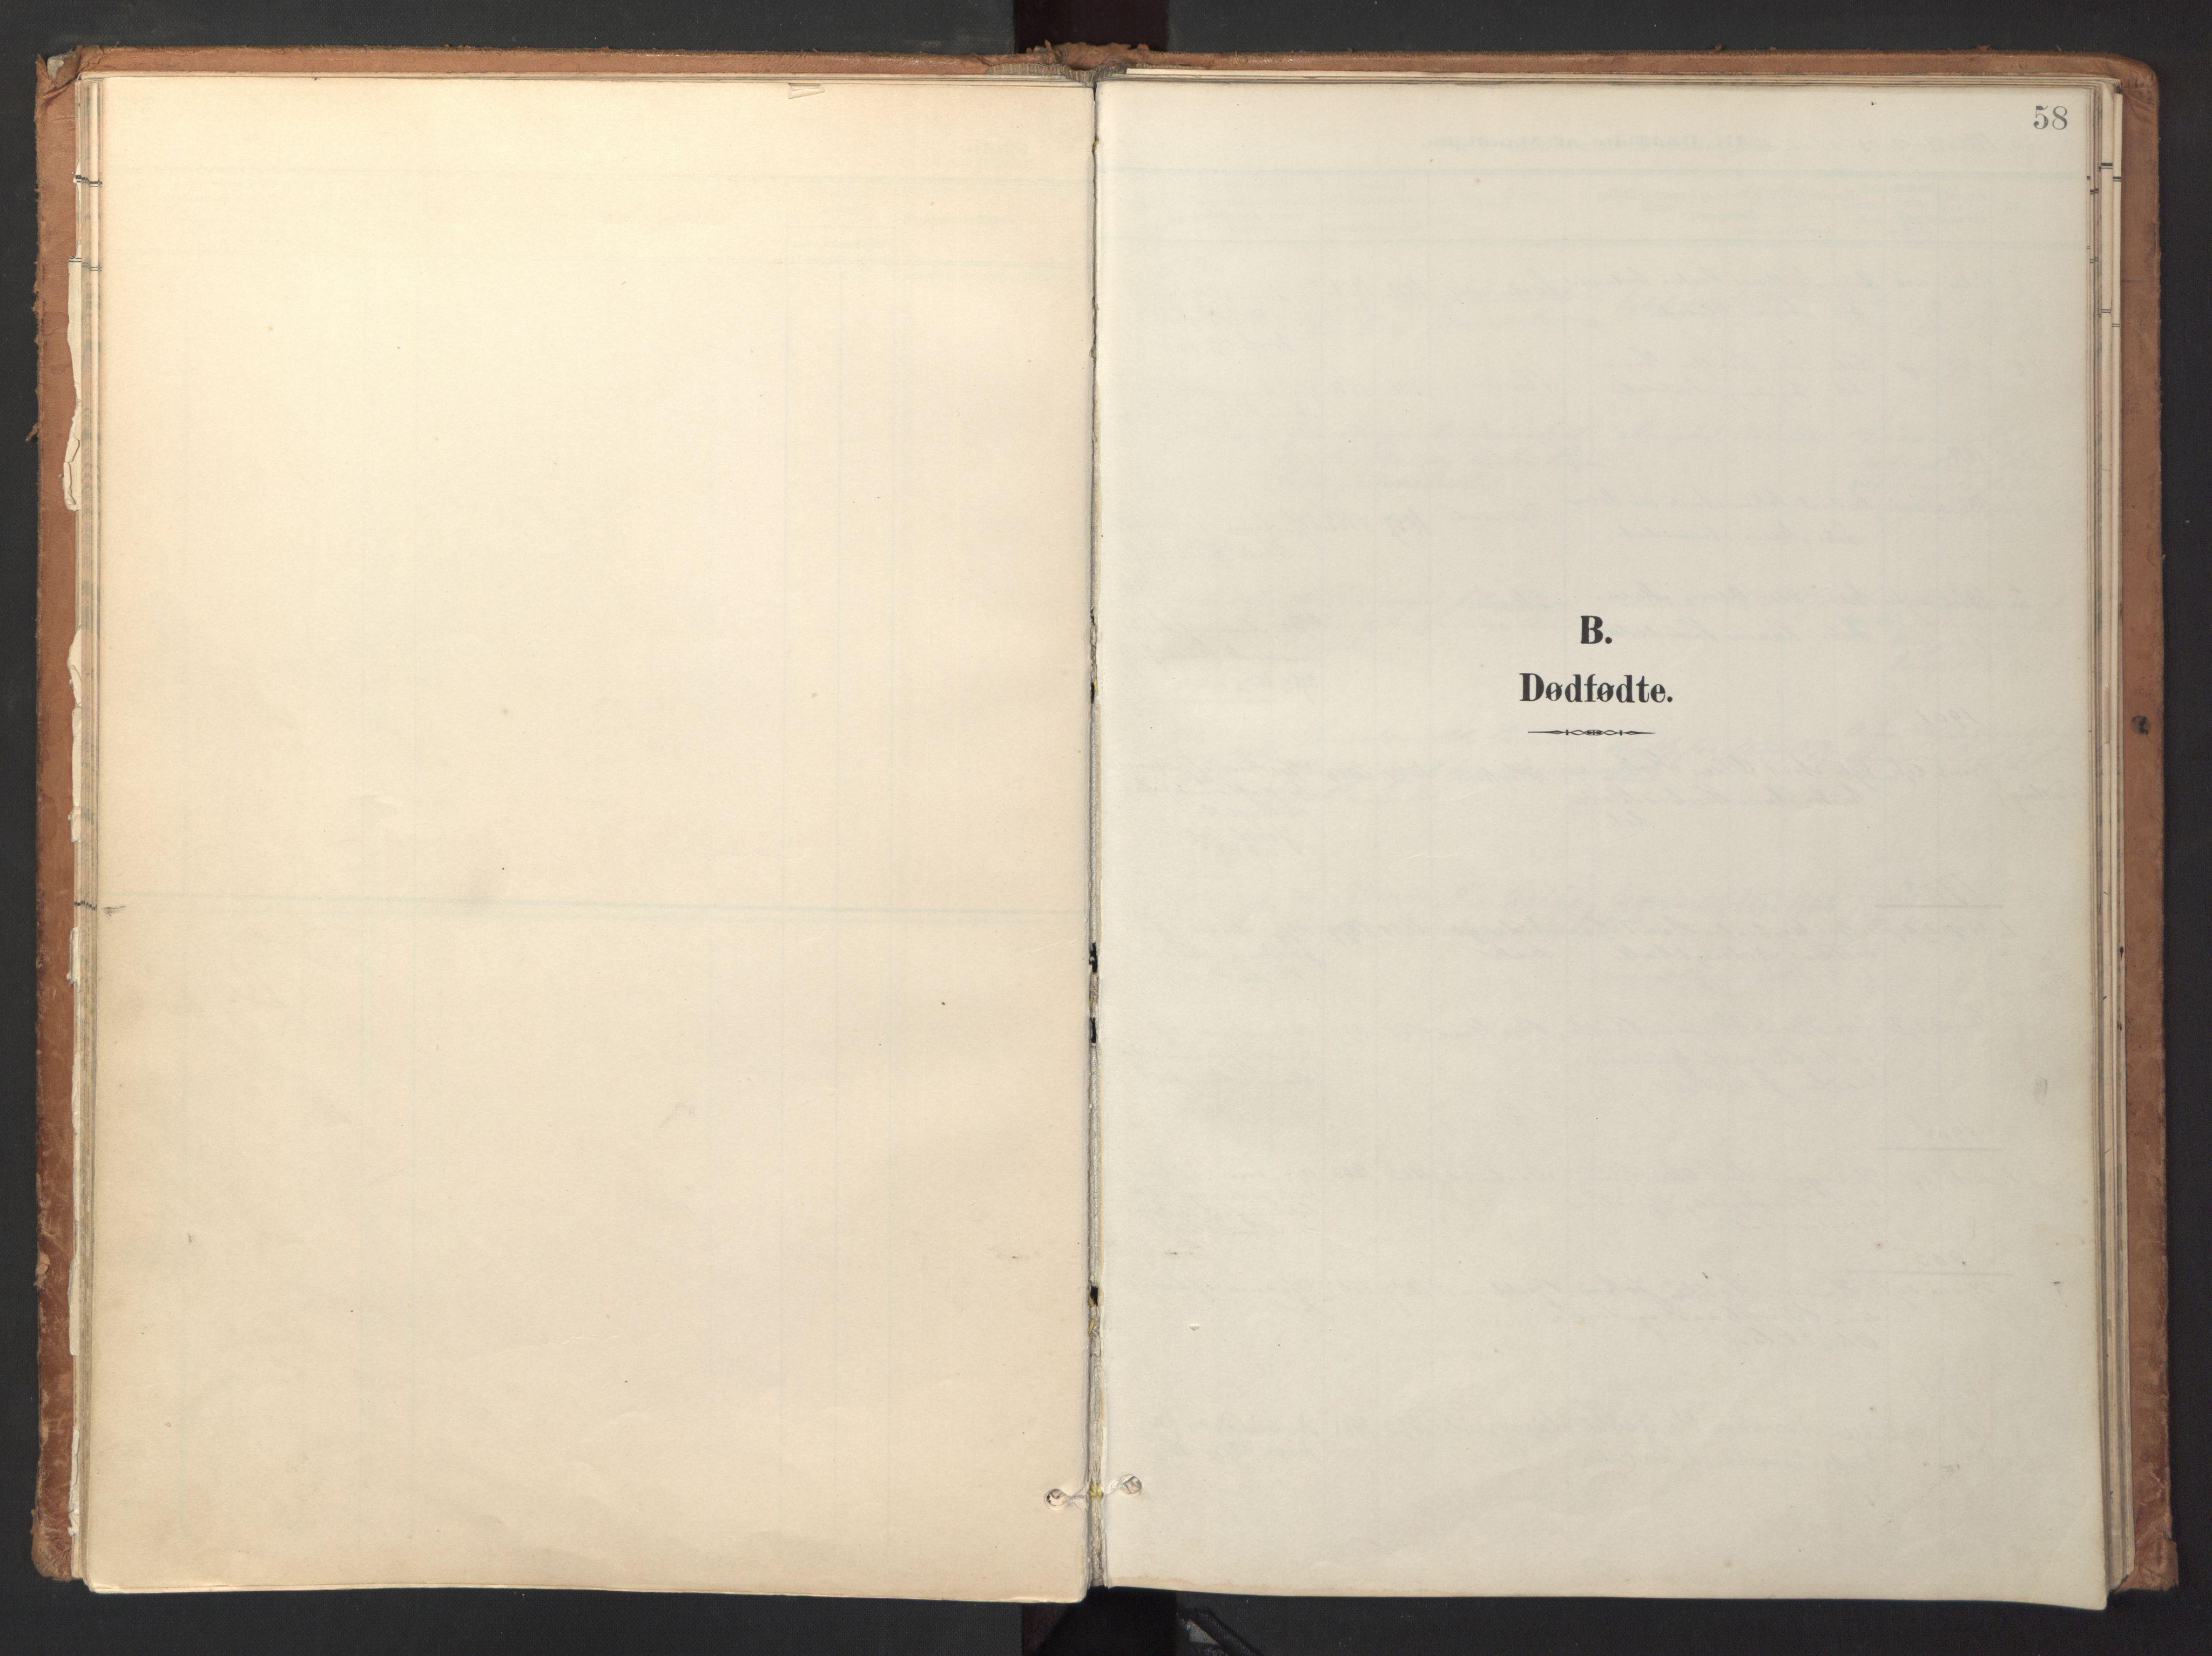 SAT, Ministerialprotokoller, klokkerbøker og fødselsregistre - Sør-Trøndelag, 618/L0448: Ministerialbok nr. 618A11, 1898-1916, s. 58